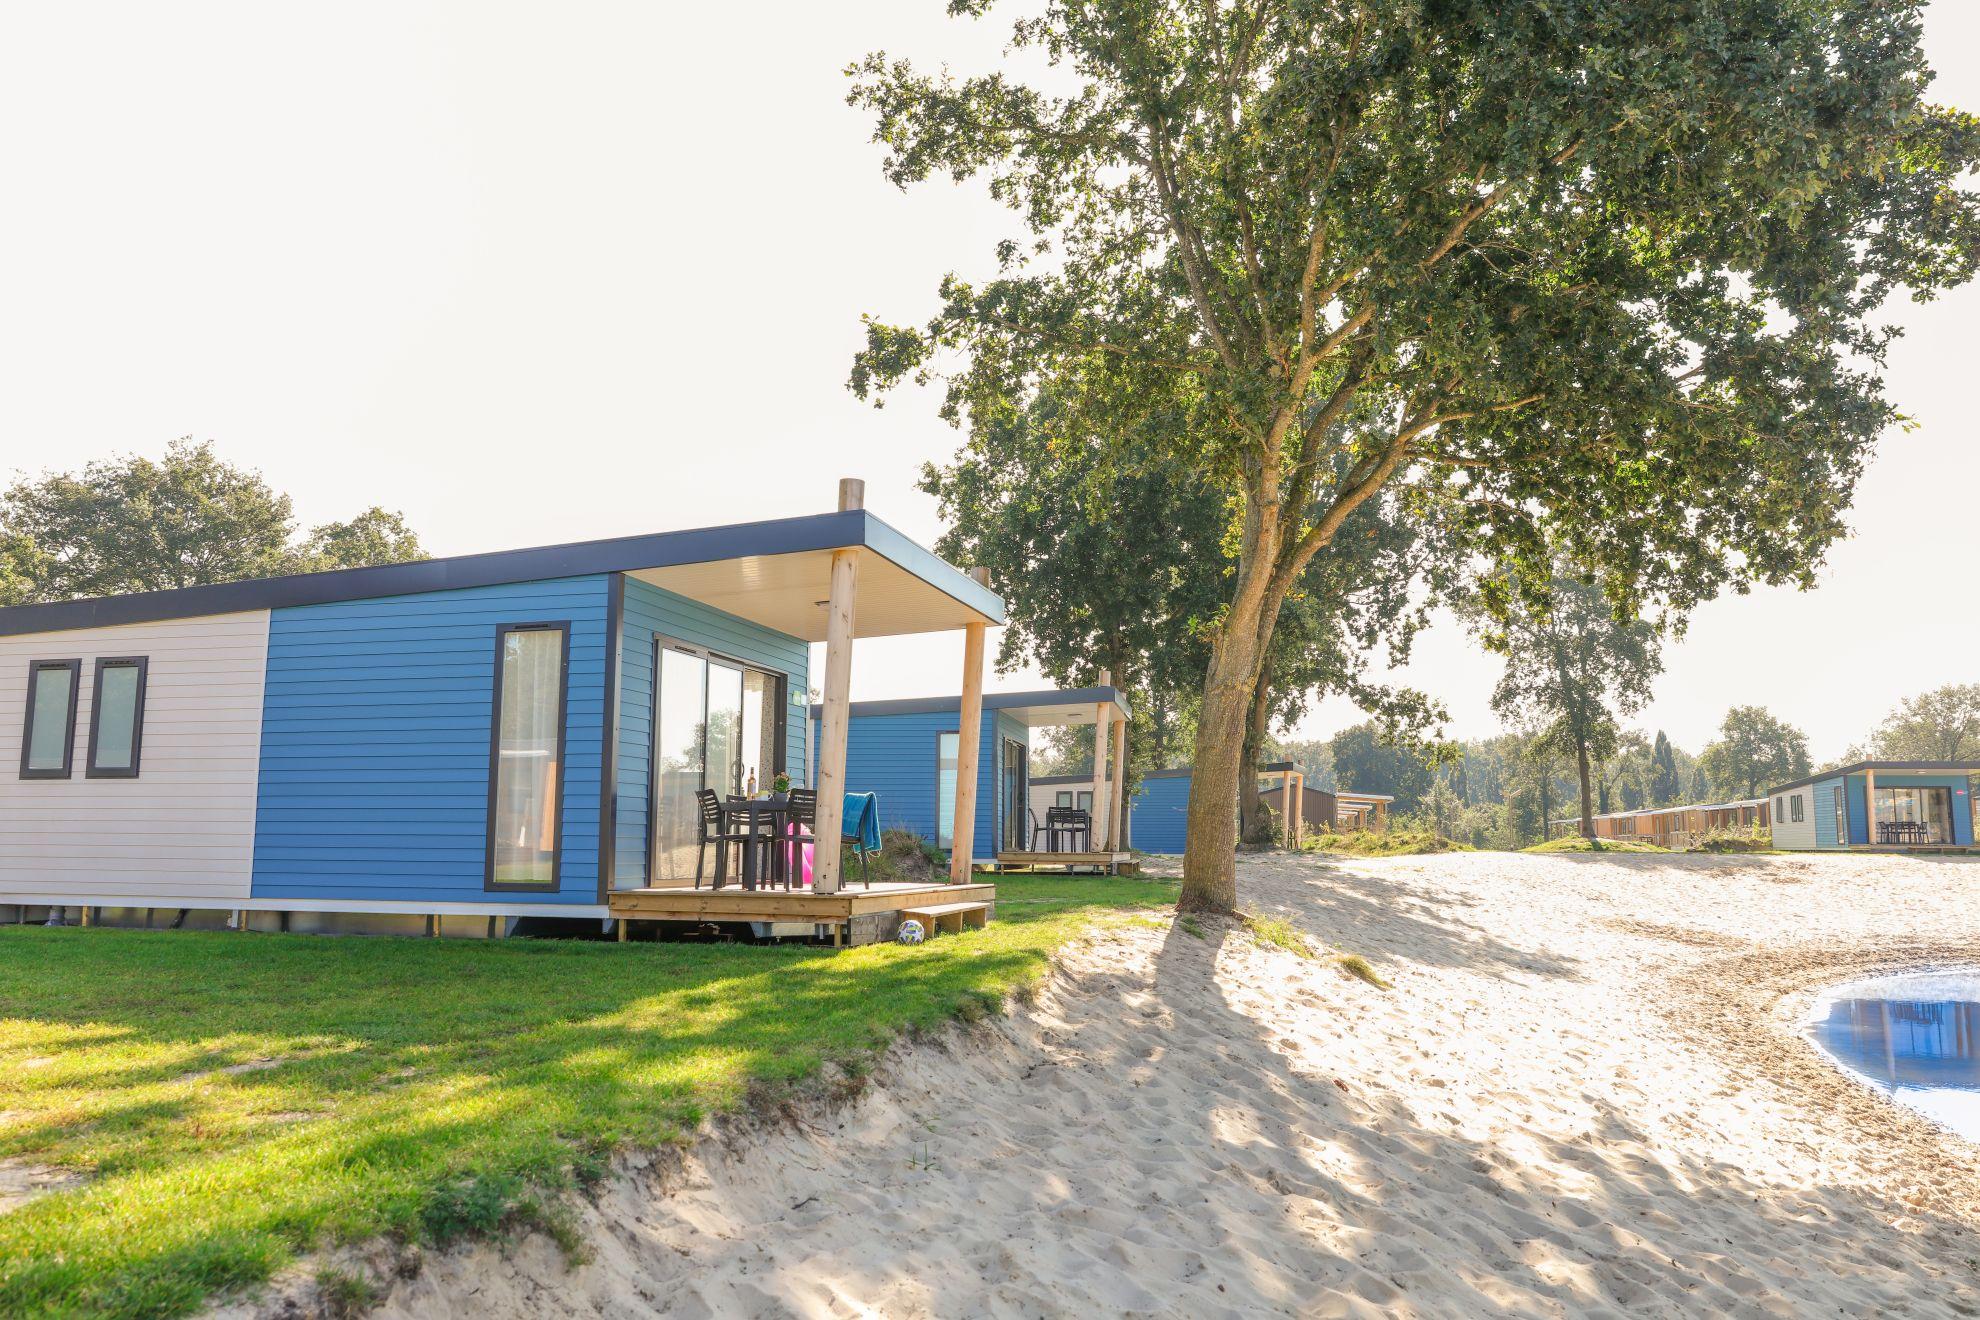 Kim Beach Top TV 4 pers. - Chalet Kim - strandvakantie in Overijssel